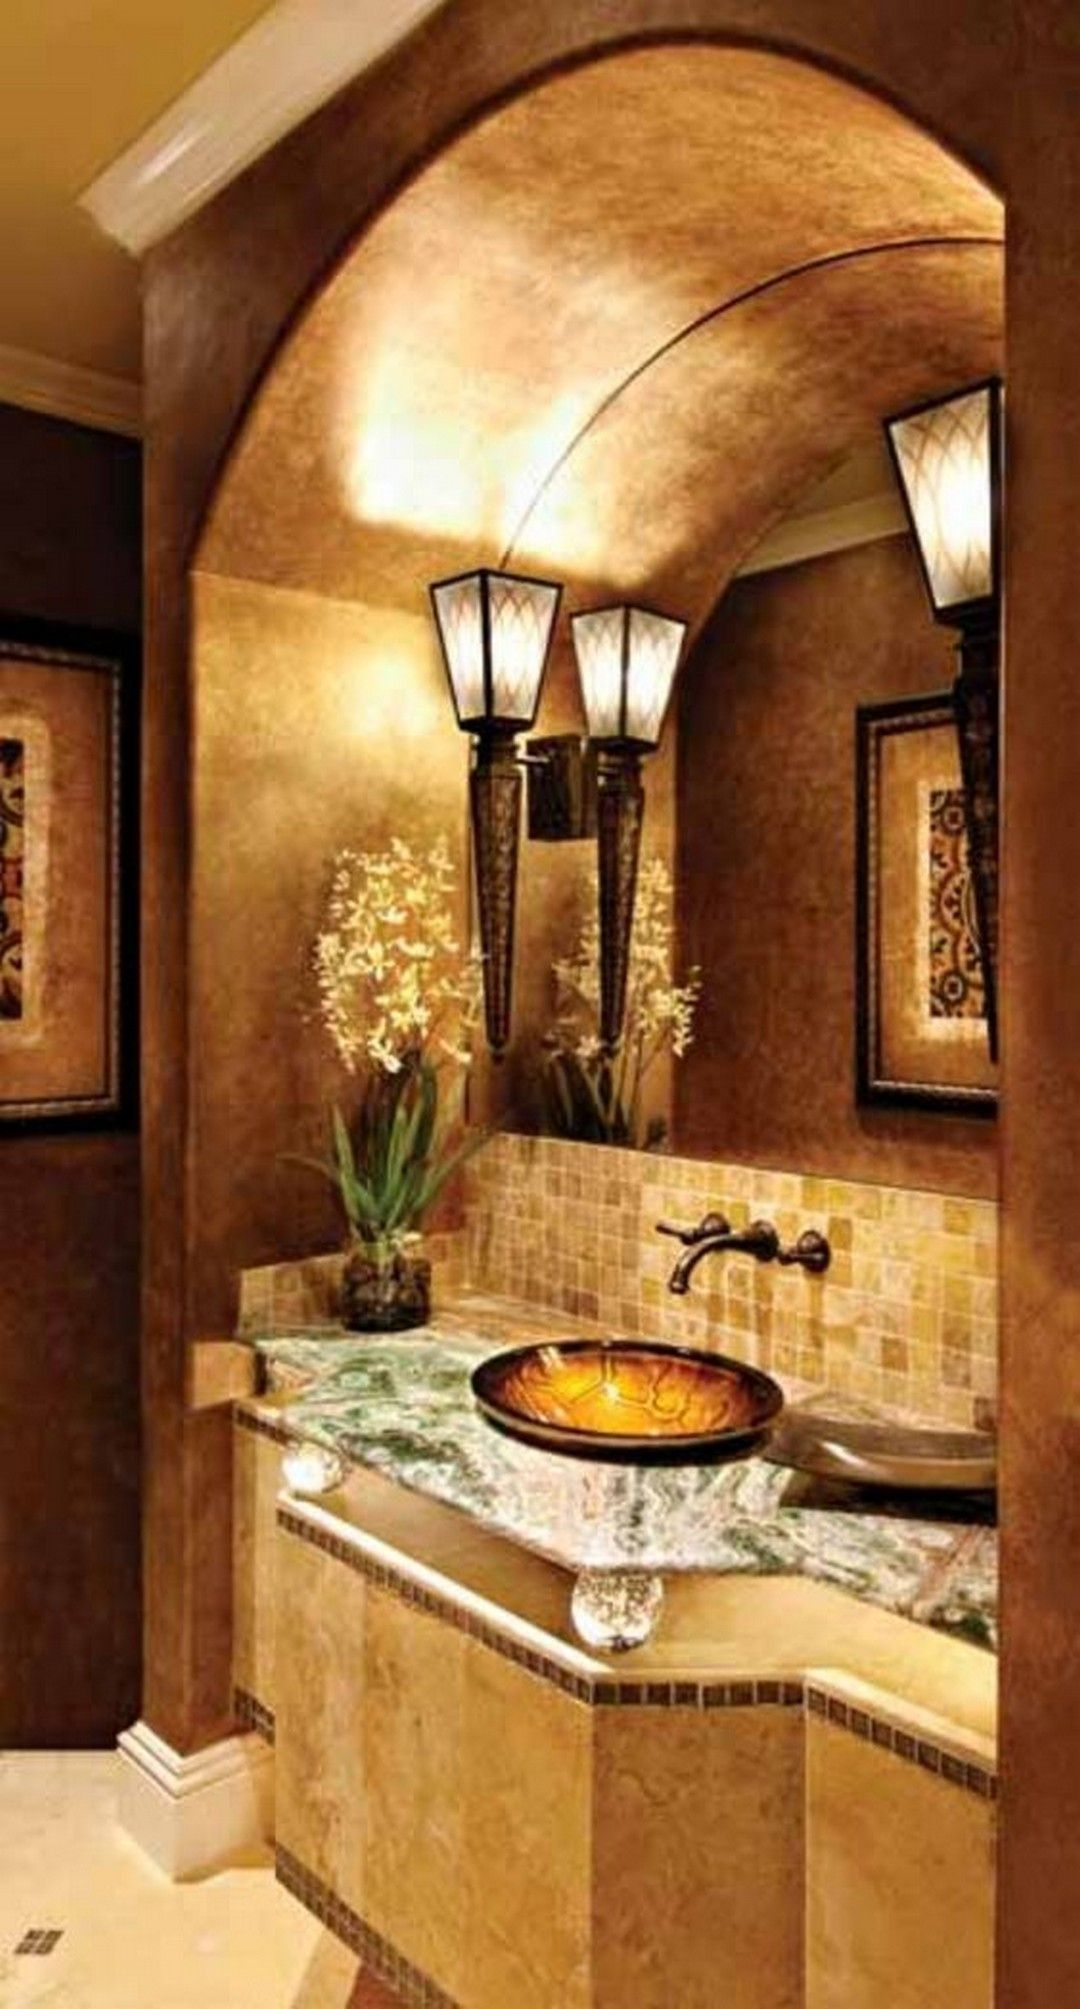 Dekorieren Sie Einfach Ihr Minimalistisches Badezimmer Mit Diesen Viktorianischen Badezimmer Ideen Toskanisches Badezimmer Toskanisches Haus Design Fur Zuhause